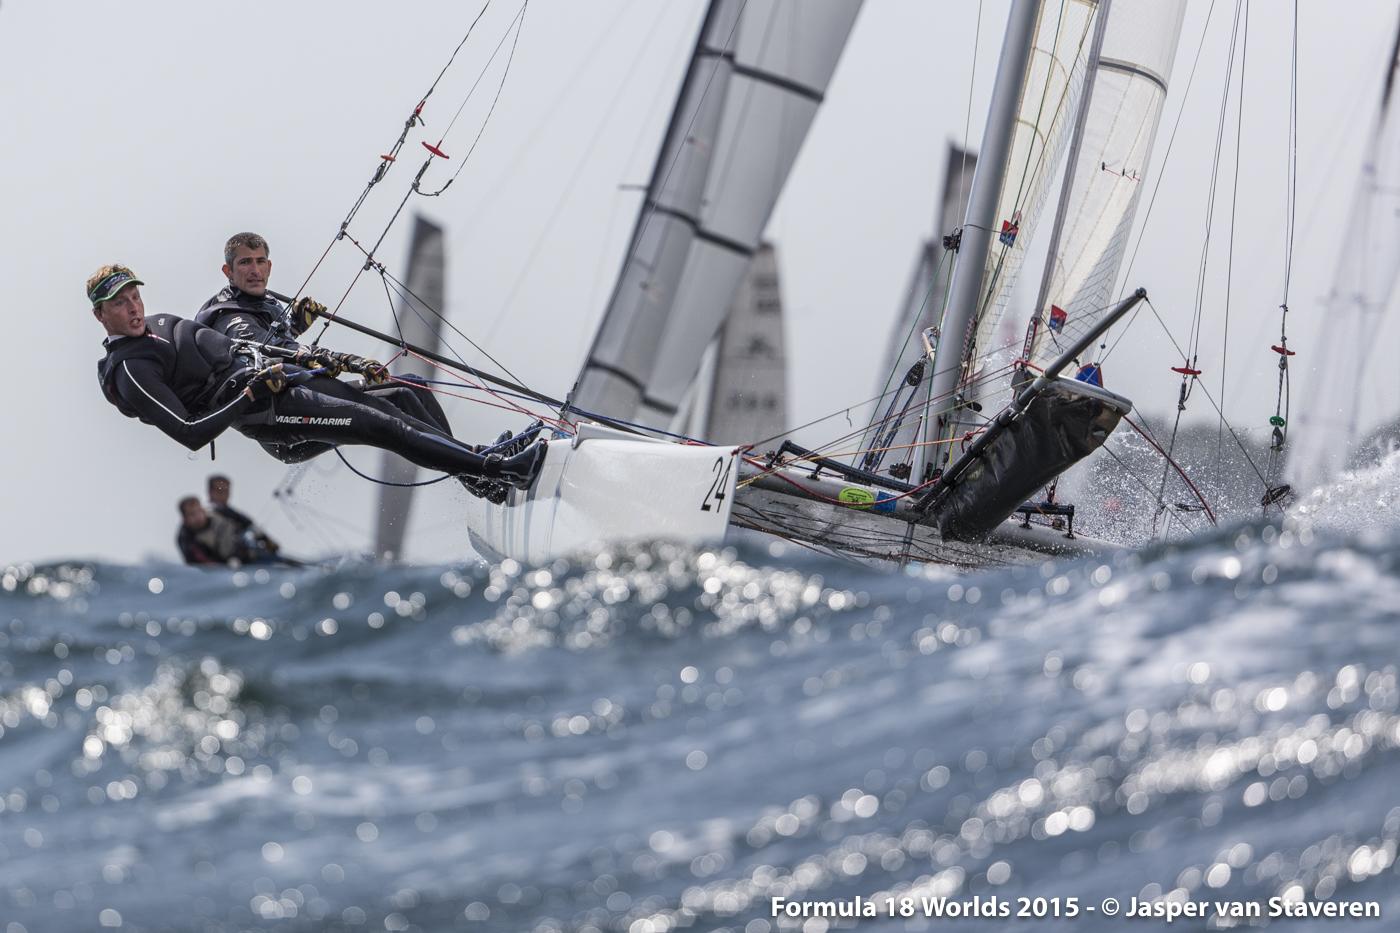 F18 Worlds 2015 - 17-07-2015 (Kiel - Germany)-5802